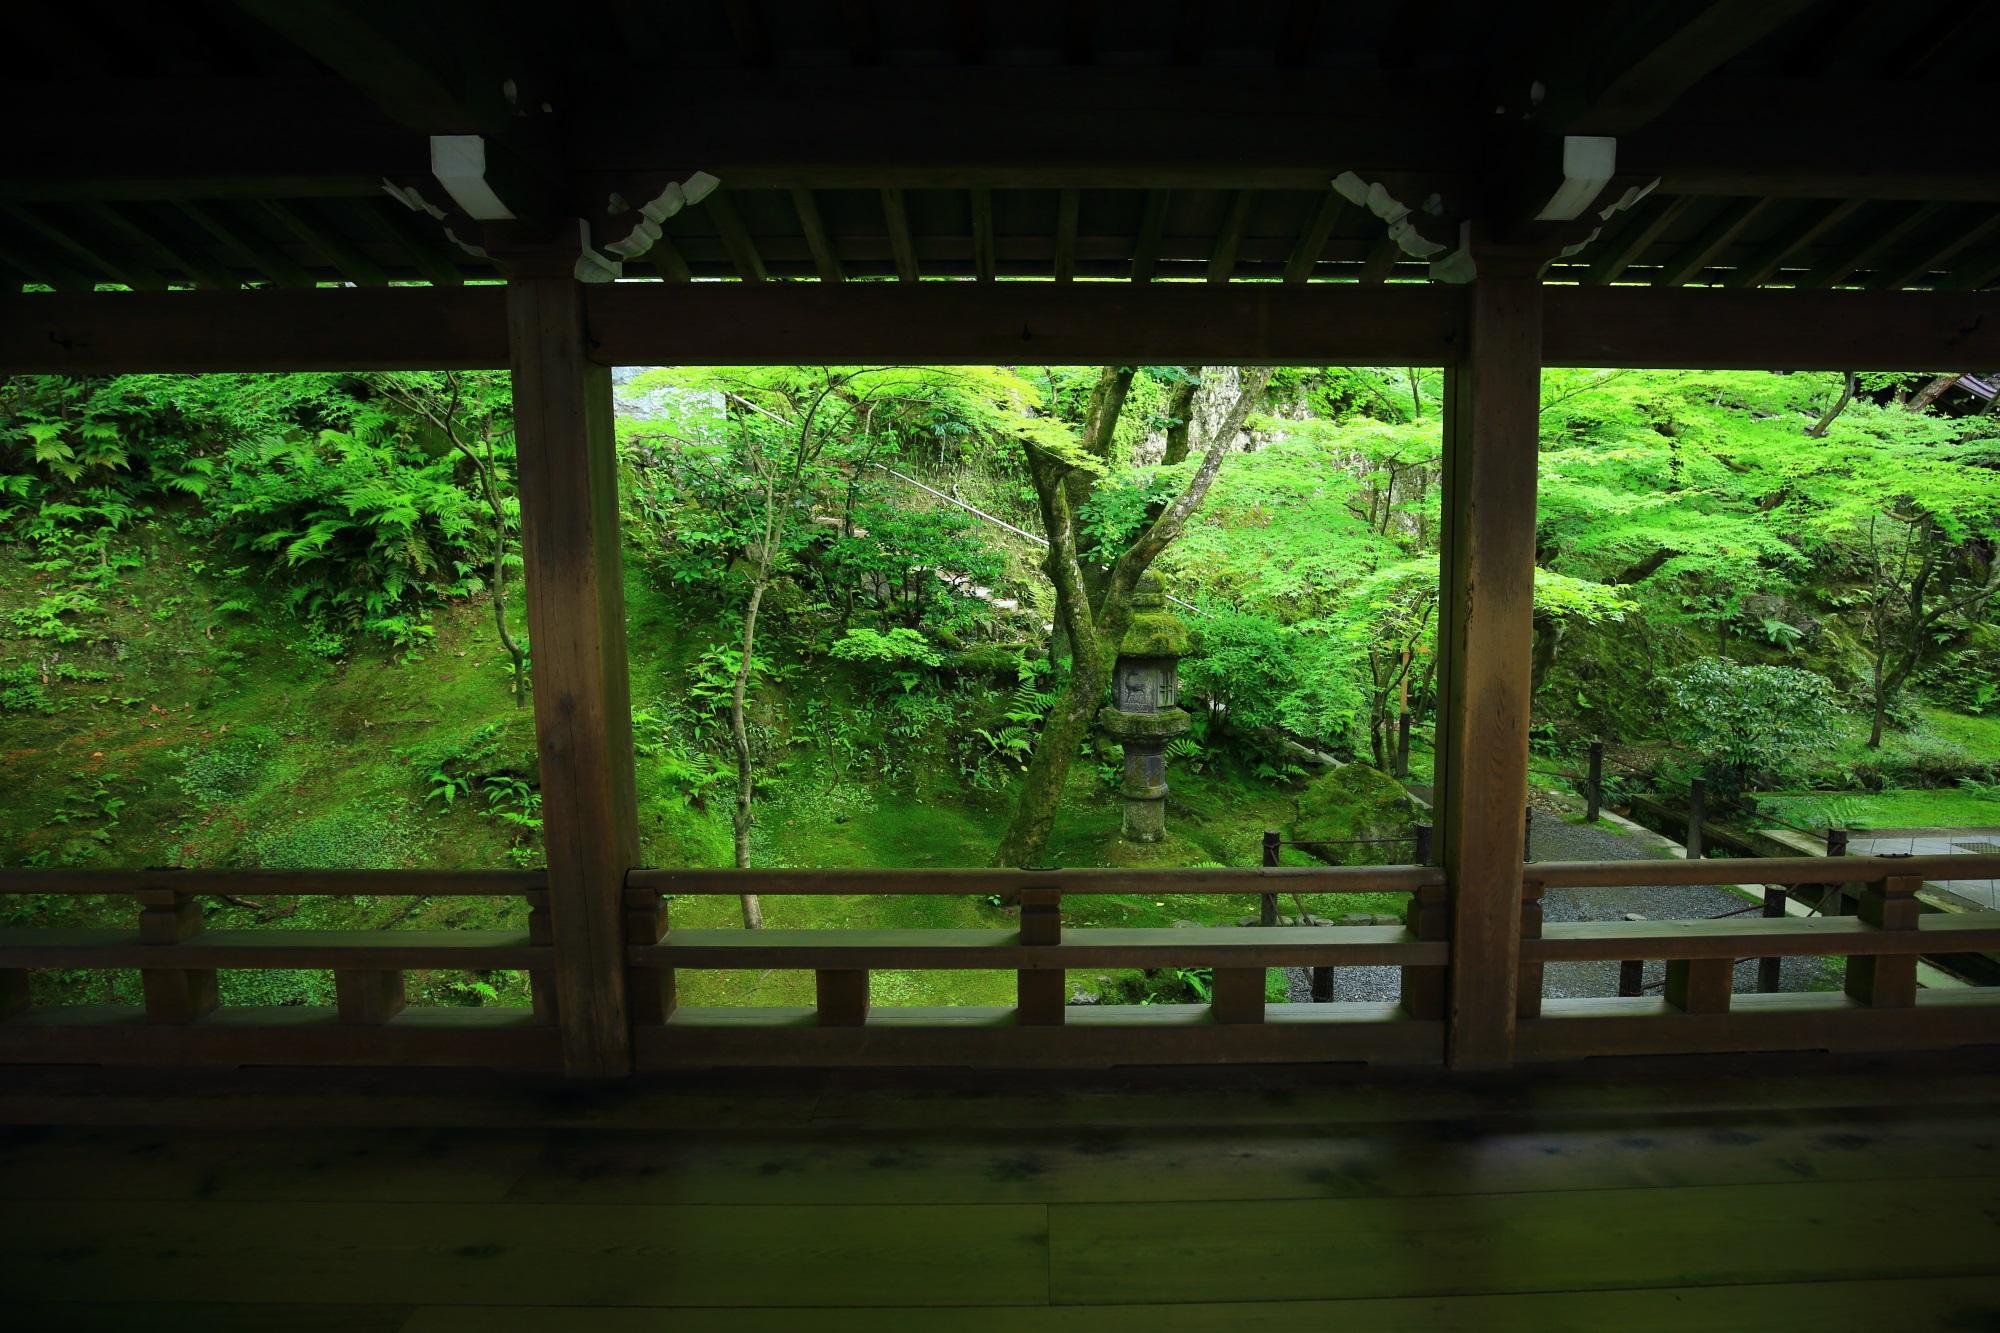 永観堂の渡廊下から眺めた緑の苔と青もみじ